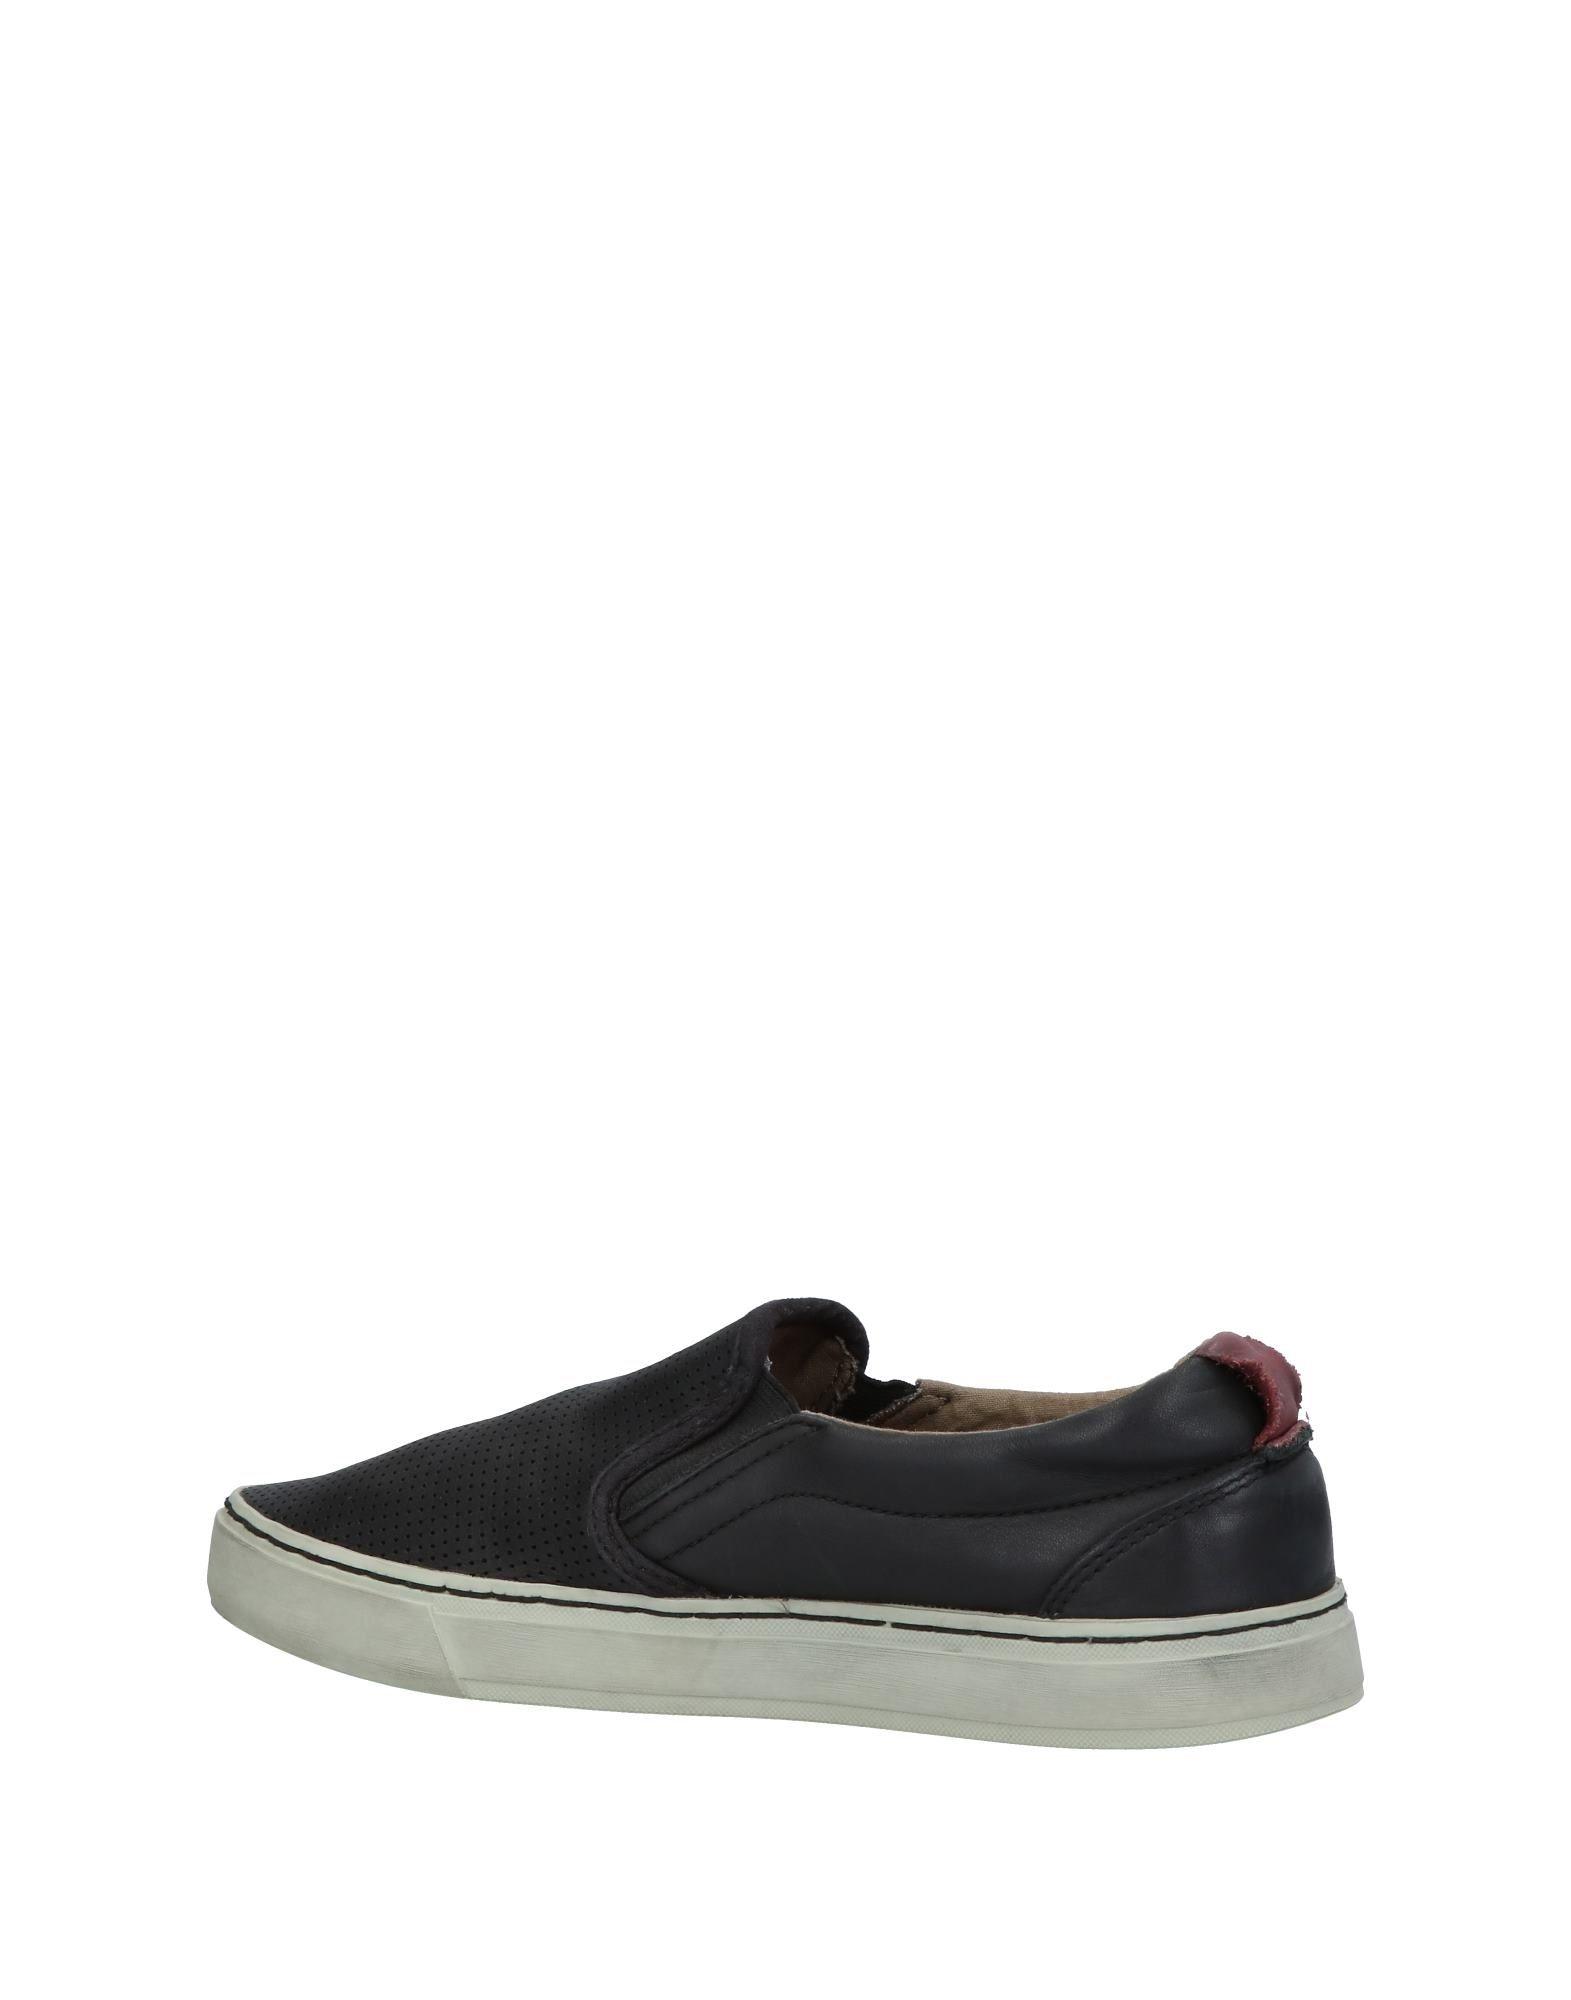 Rabatt Herren echte Schuhe Satorisan Sneakers Herren Rabatt  11375426XM beb6f1